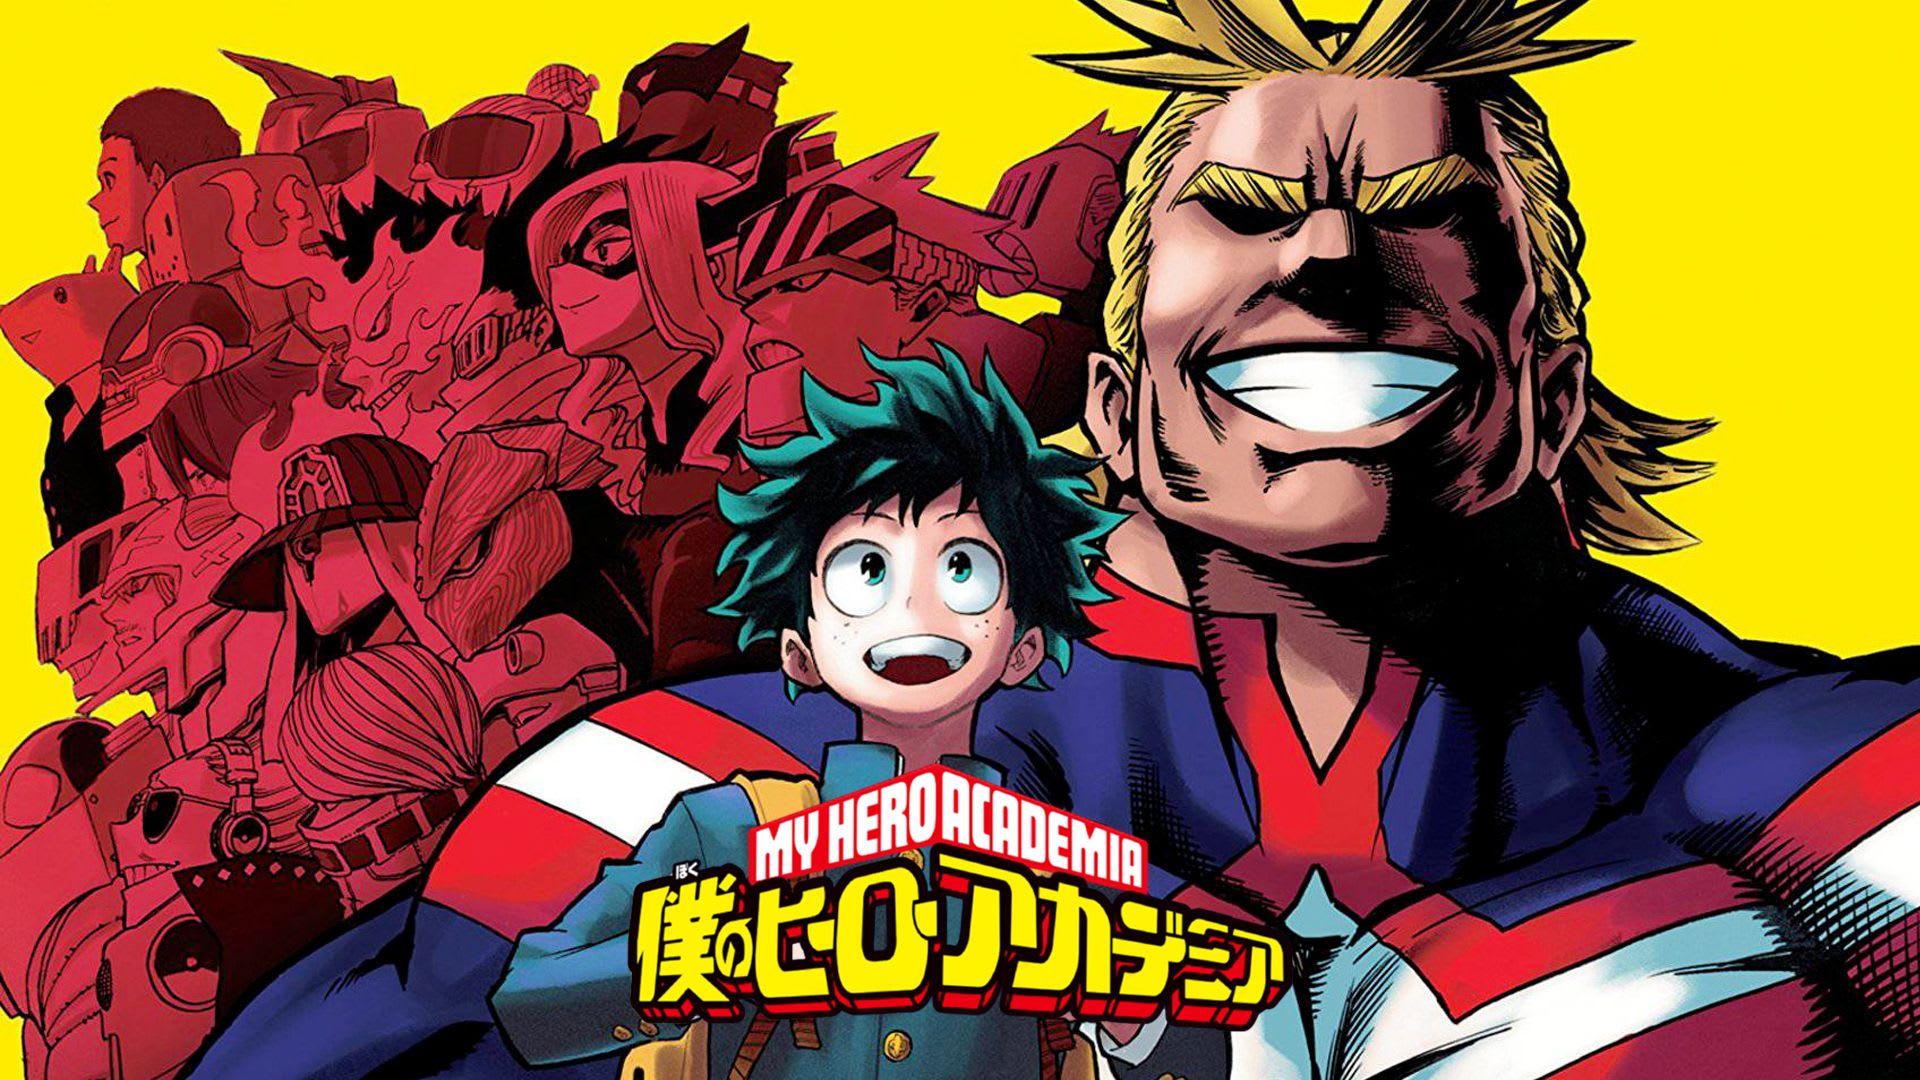 Review | My Hero Academia (僕のヒーローアカデミア)